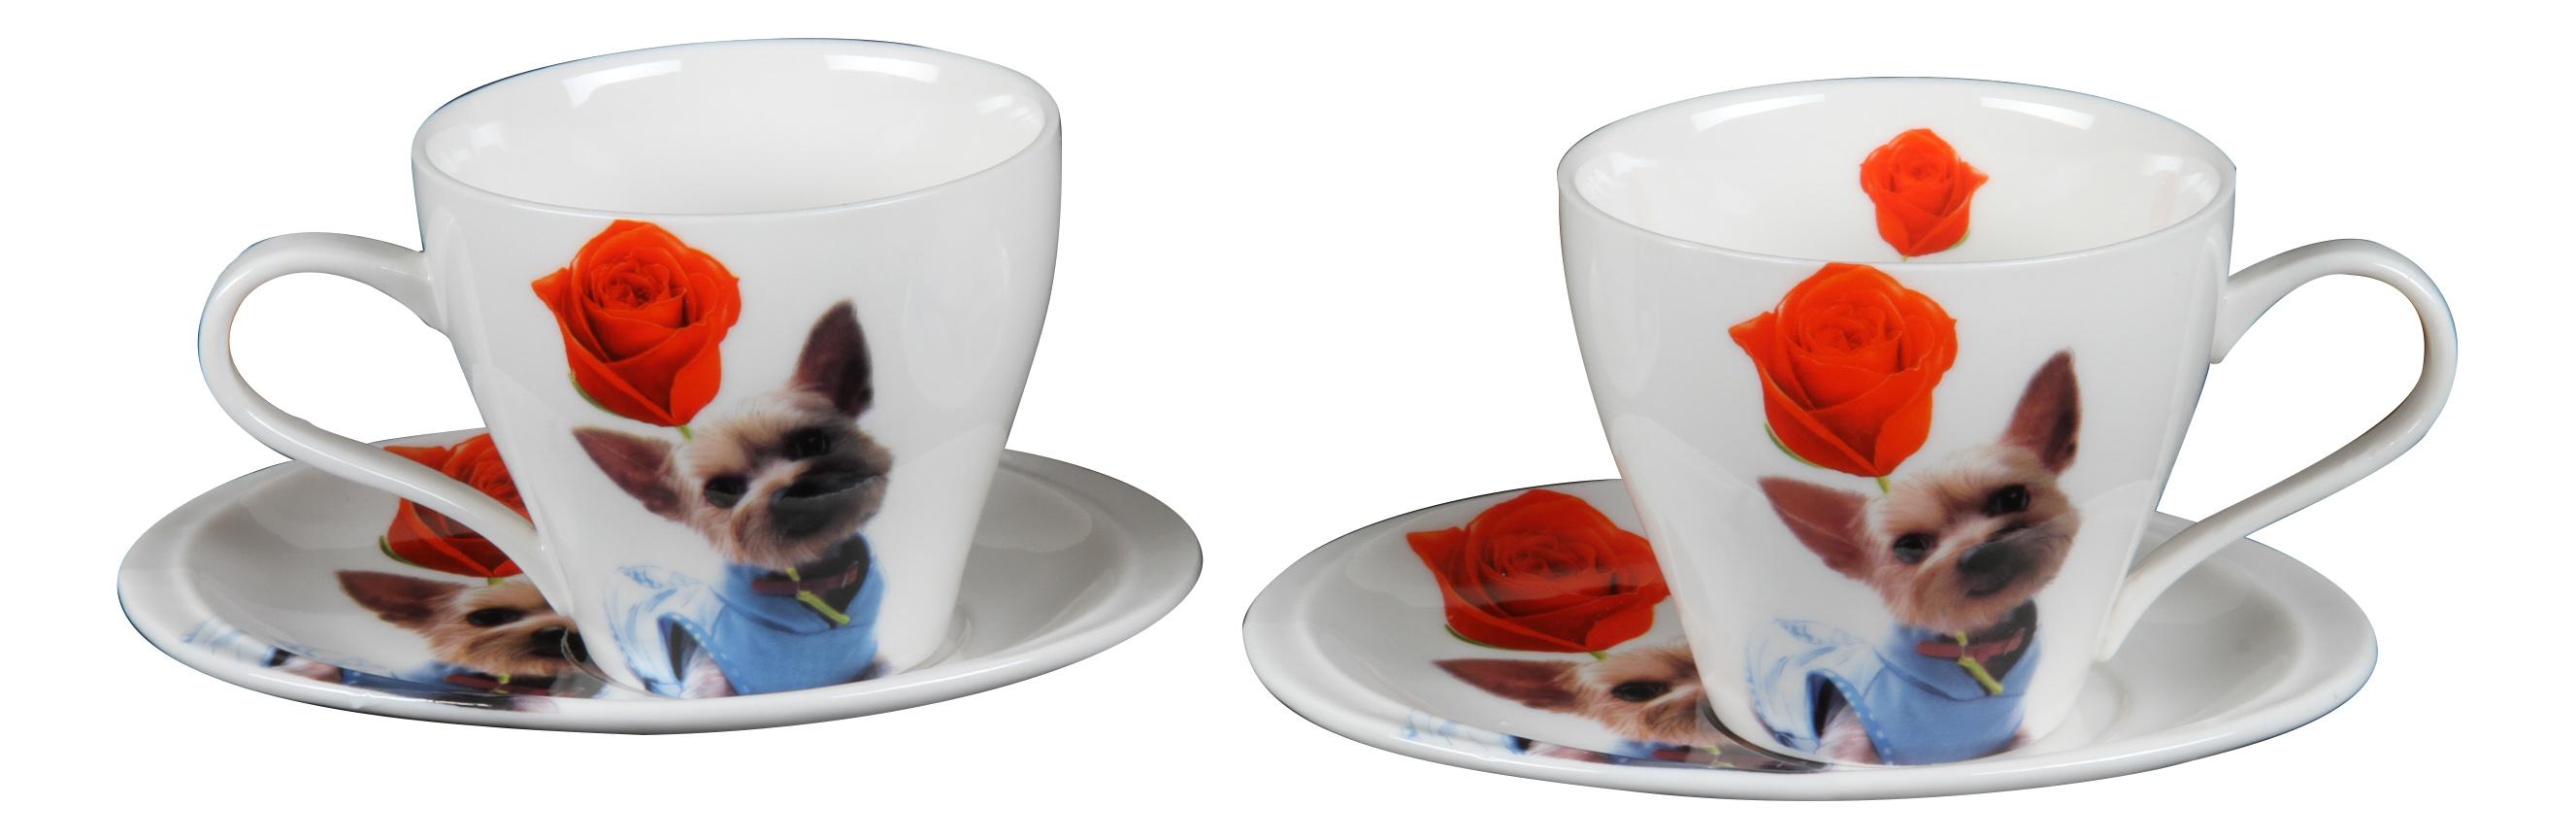 Чайный сервиз Rosenberg Чайный сервиз 8662, 4 предмета, 120 мл 4 пр. фото